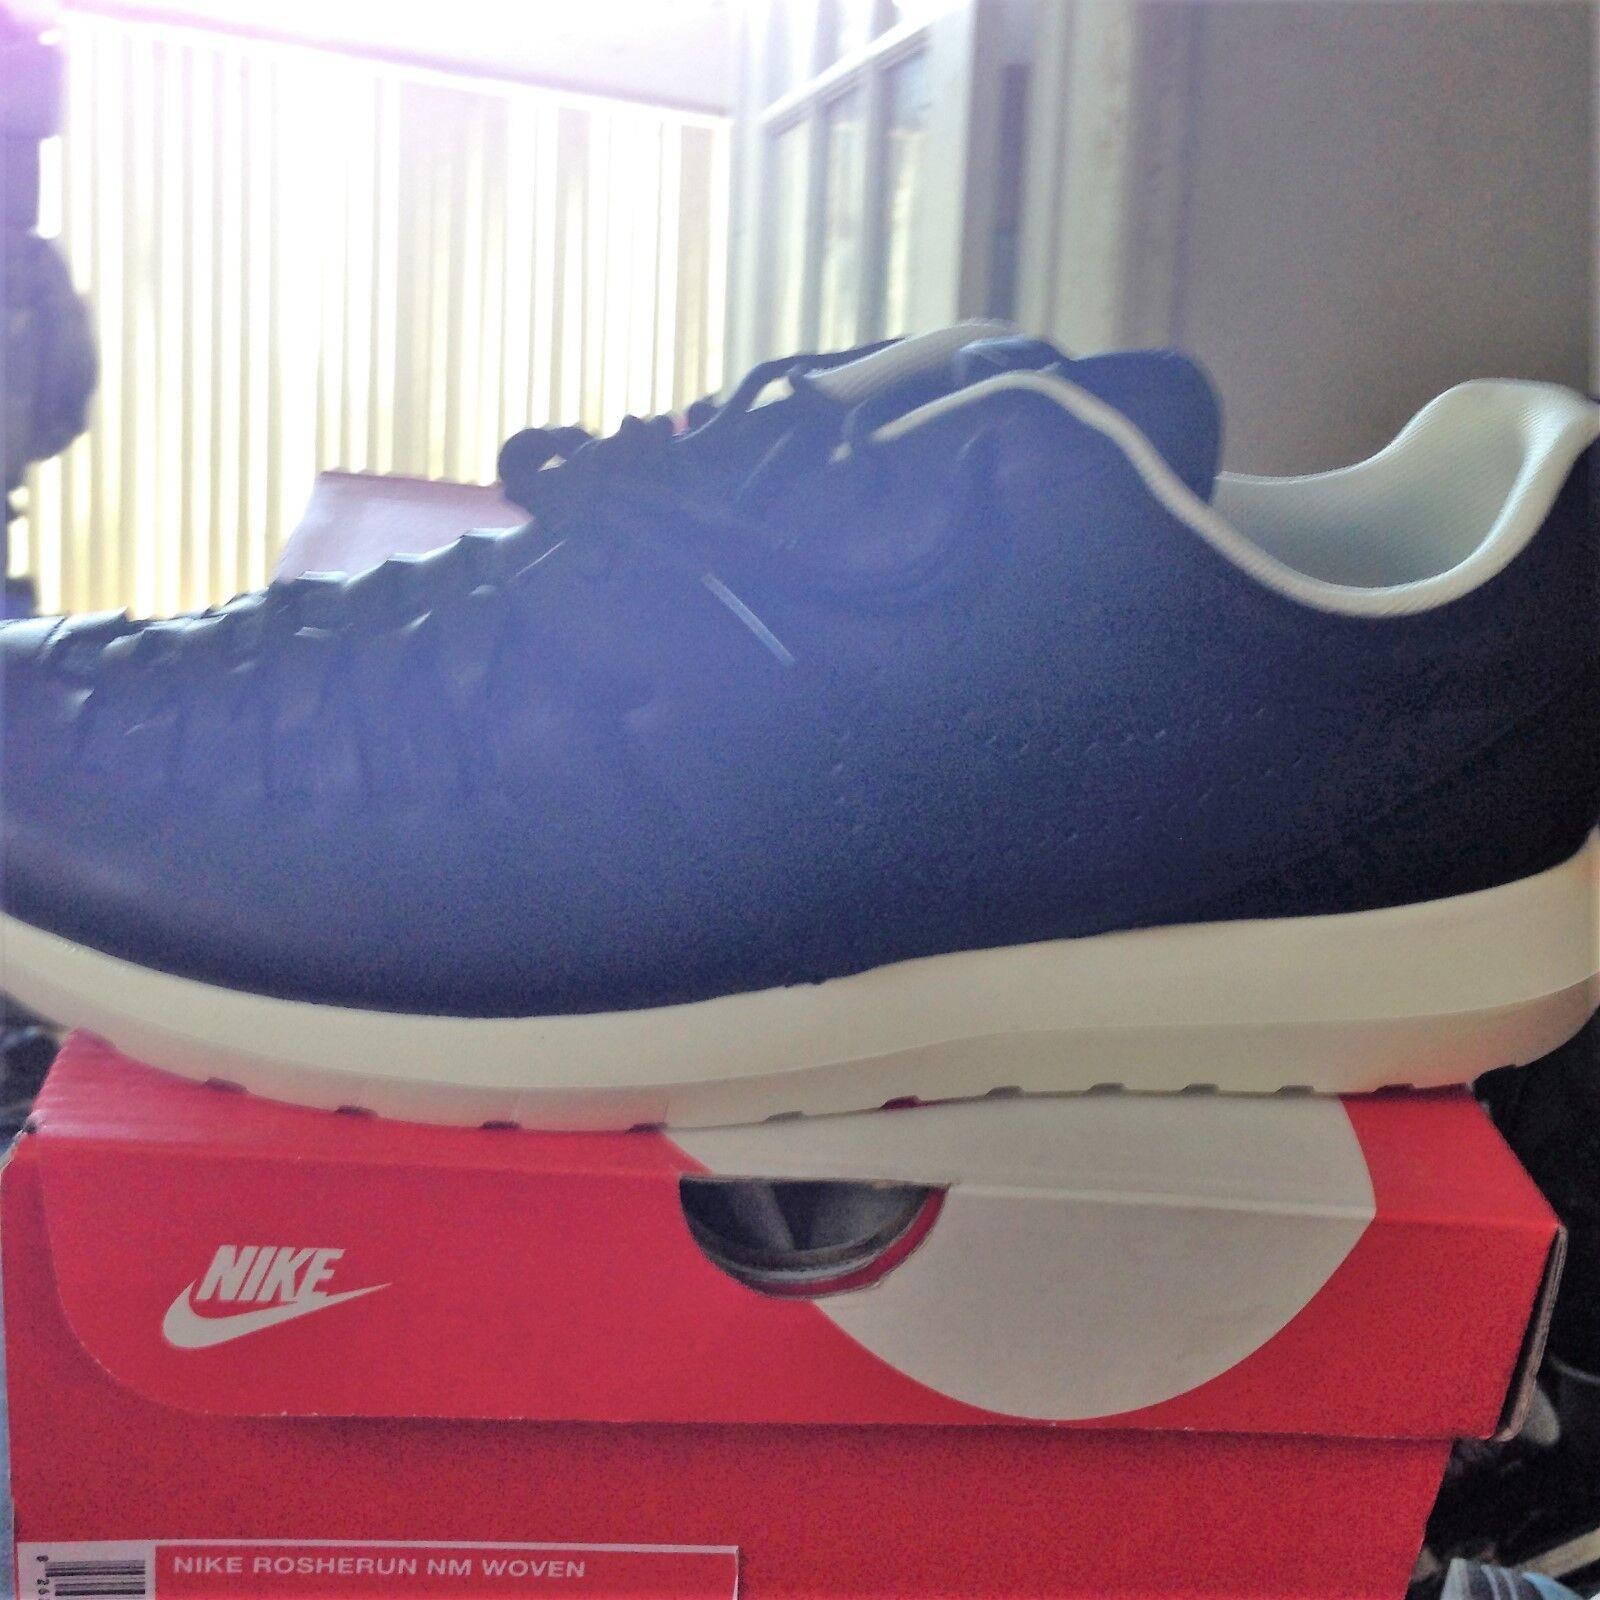 Nike rosherun nm, tessuti, bnib bnib bnib 44 blk / blk / vela scorte morte 7760e5